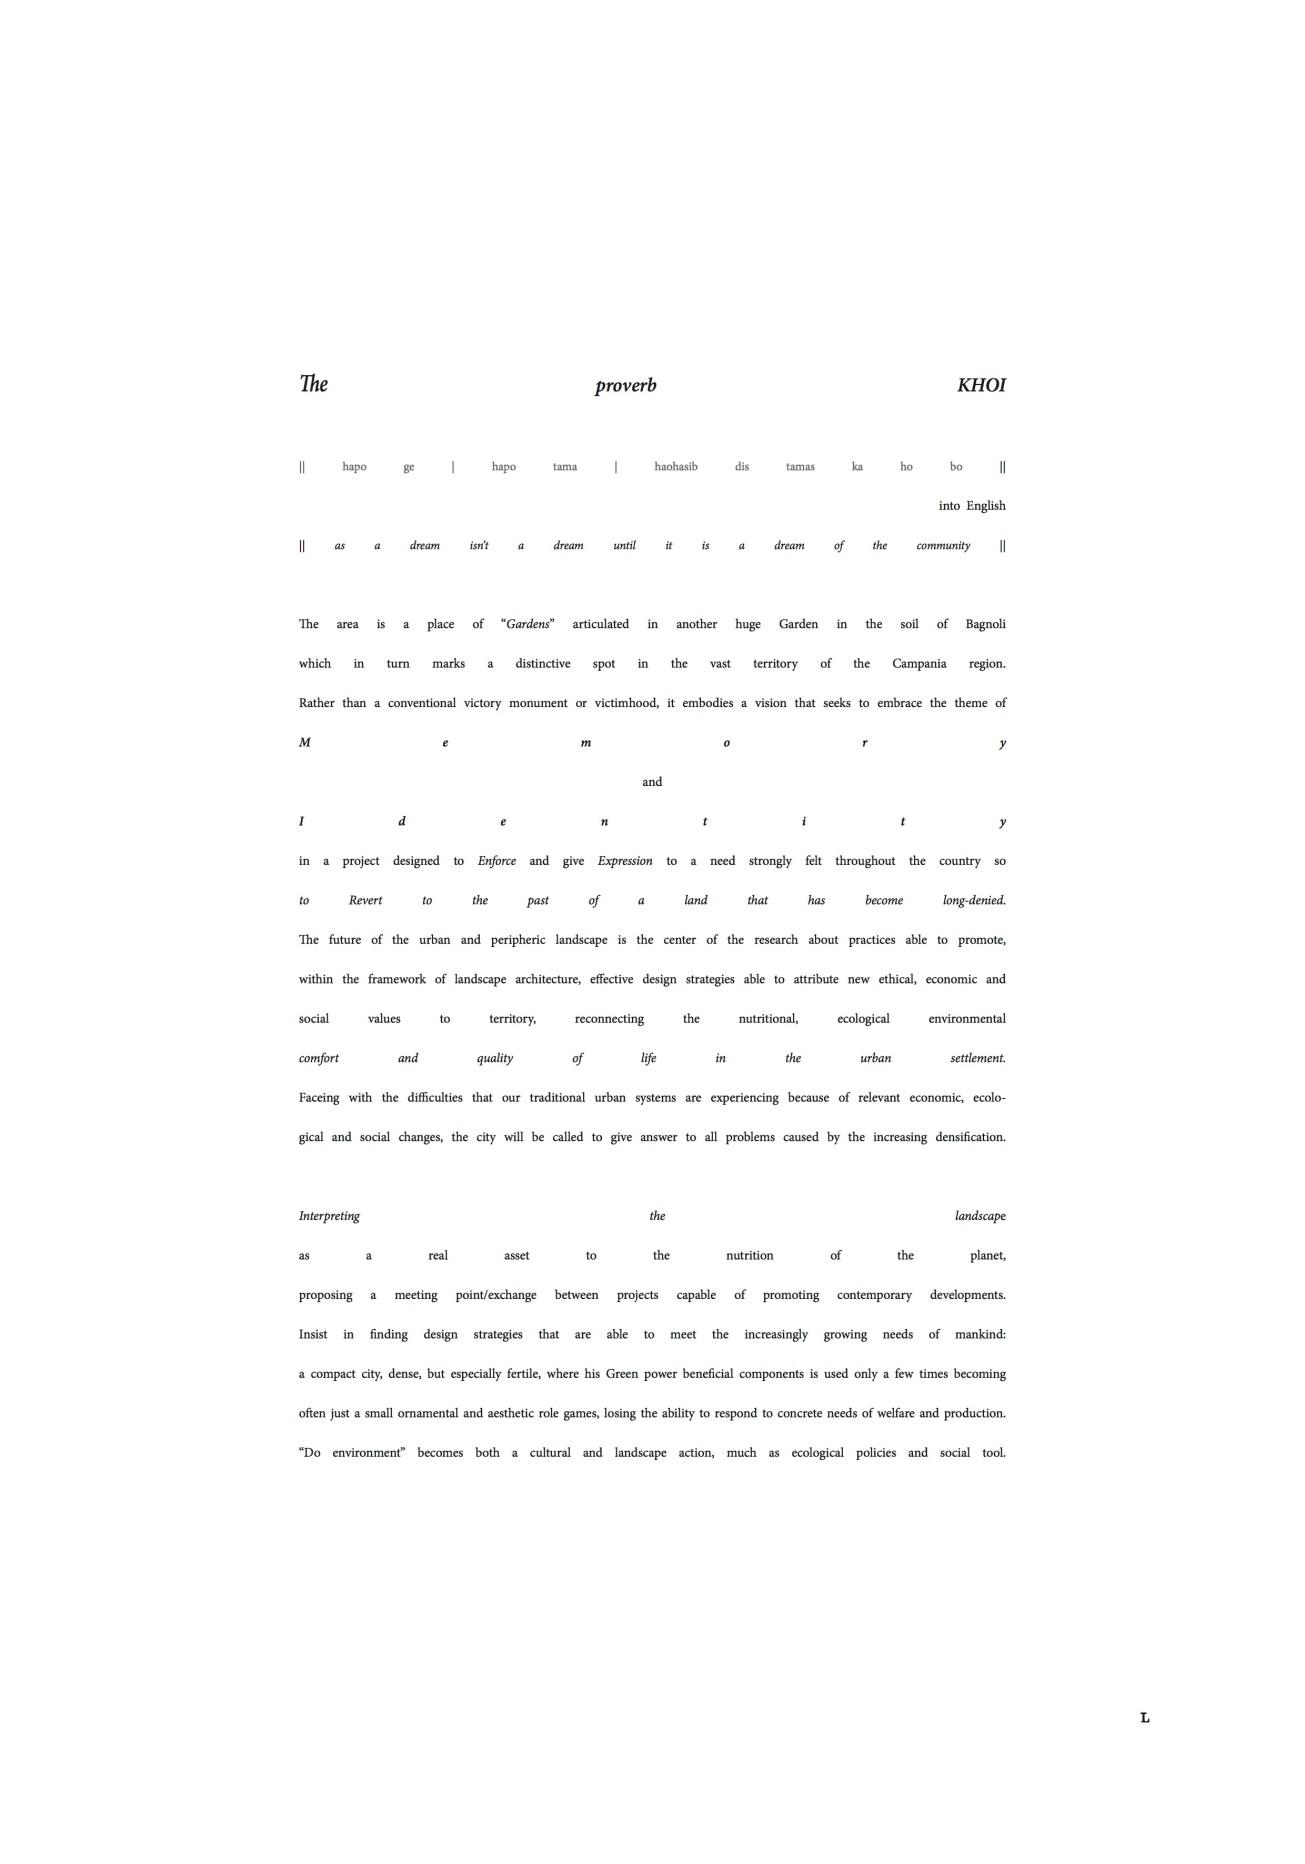 2_brief-text-fabrizia-mattiello-2016-master-thesis-politecnico-di-milano